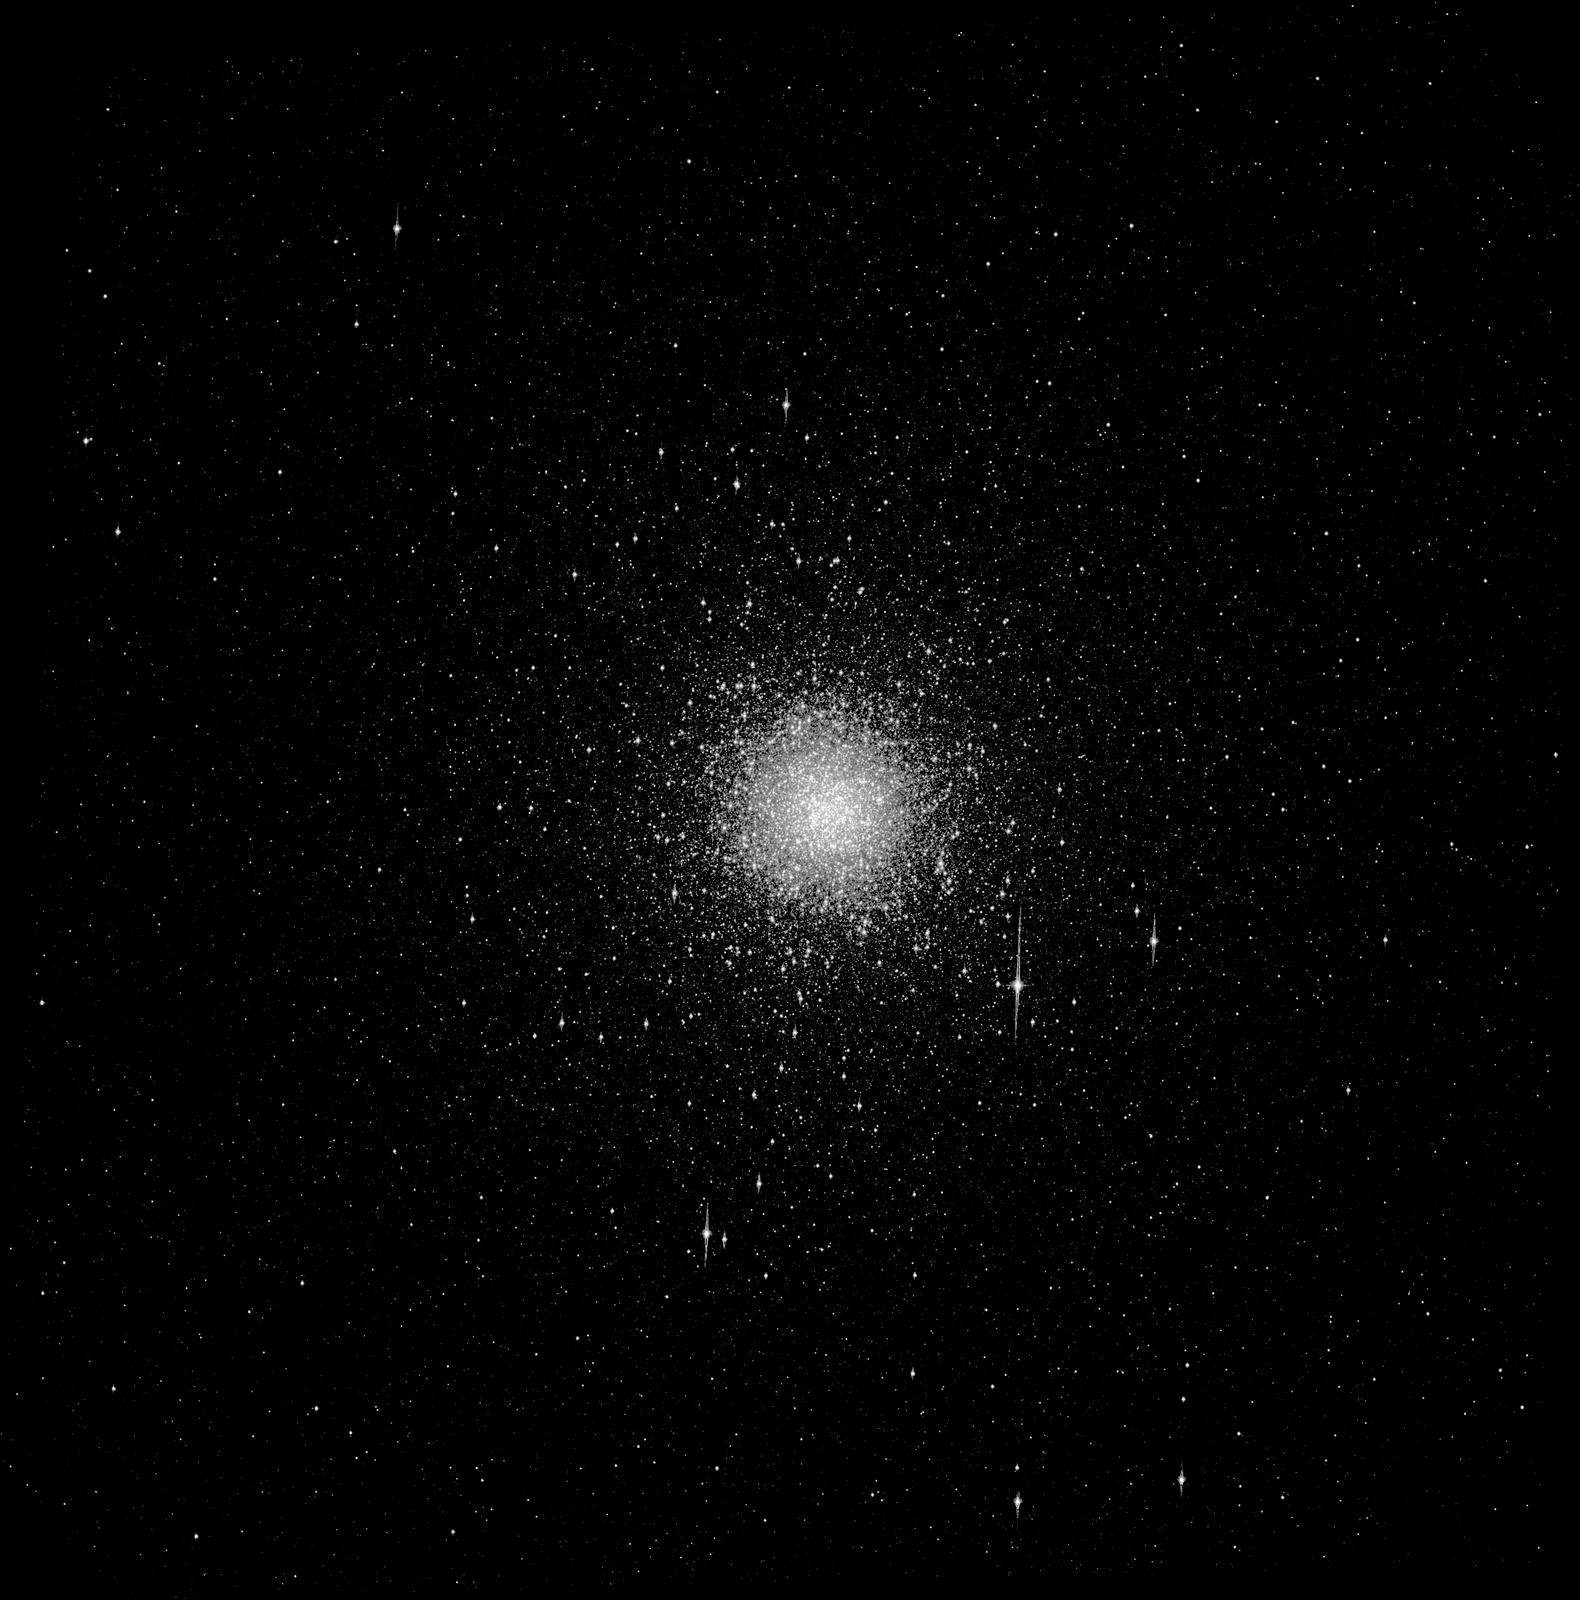 Zdjęcie przedstawia galaktykę eliptyczną.